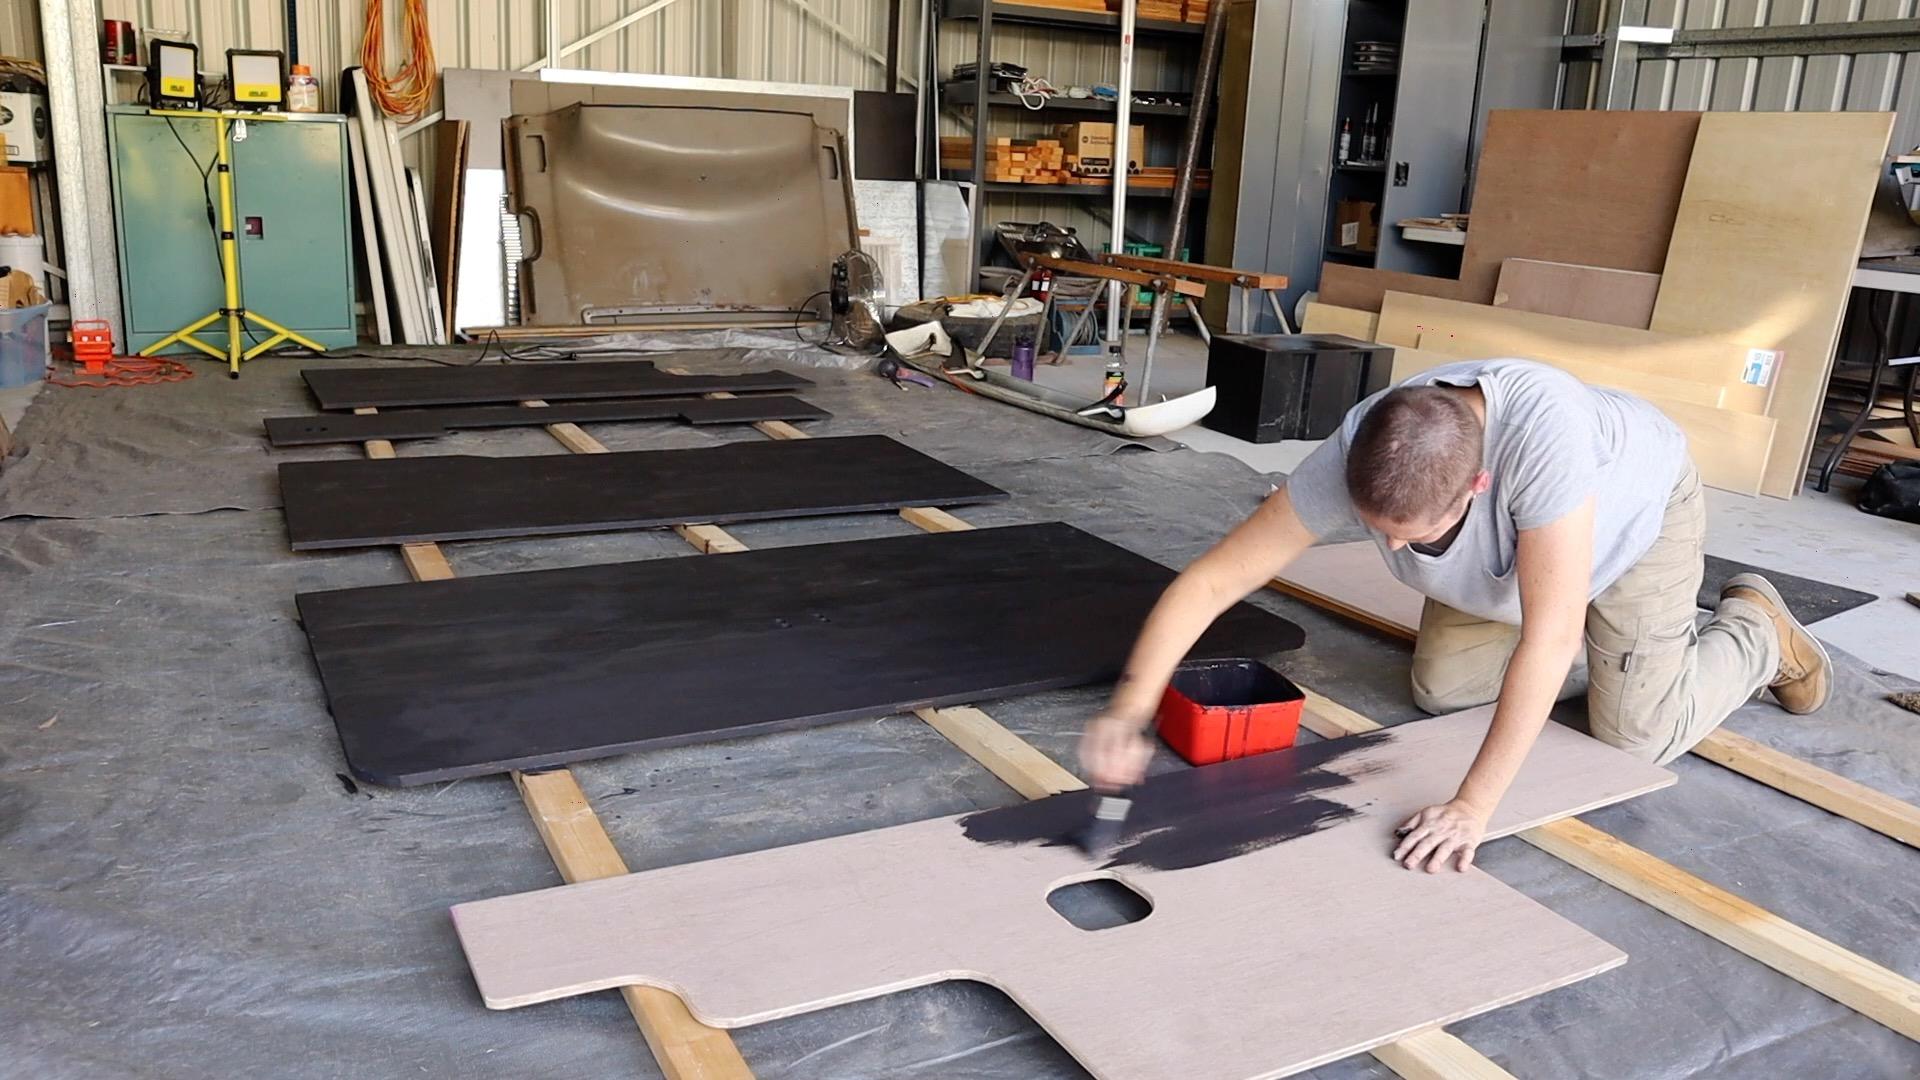 sealing with bitumen paint